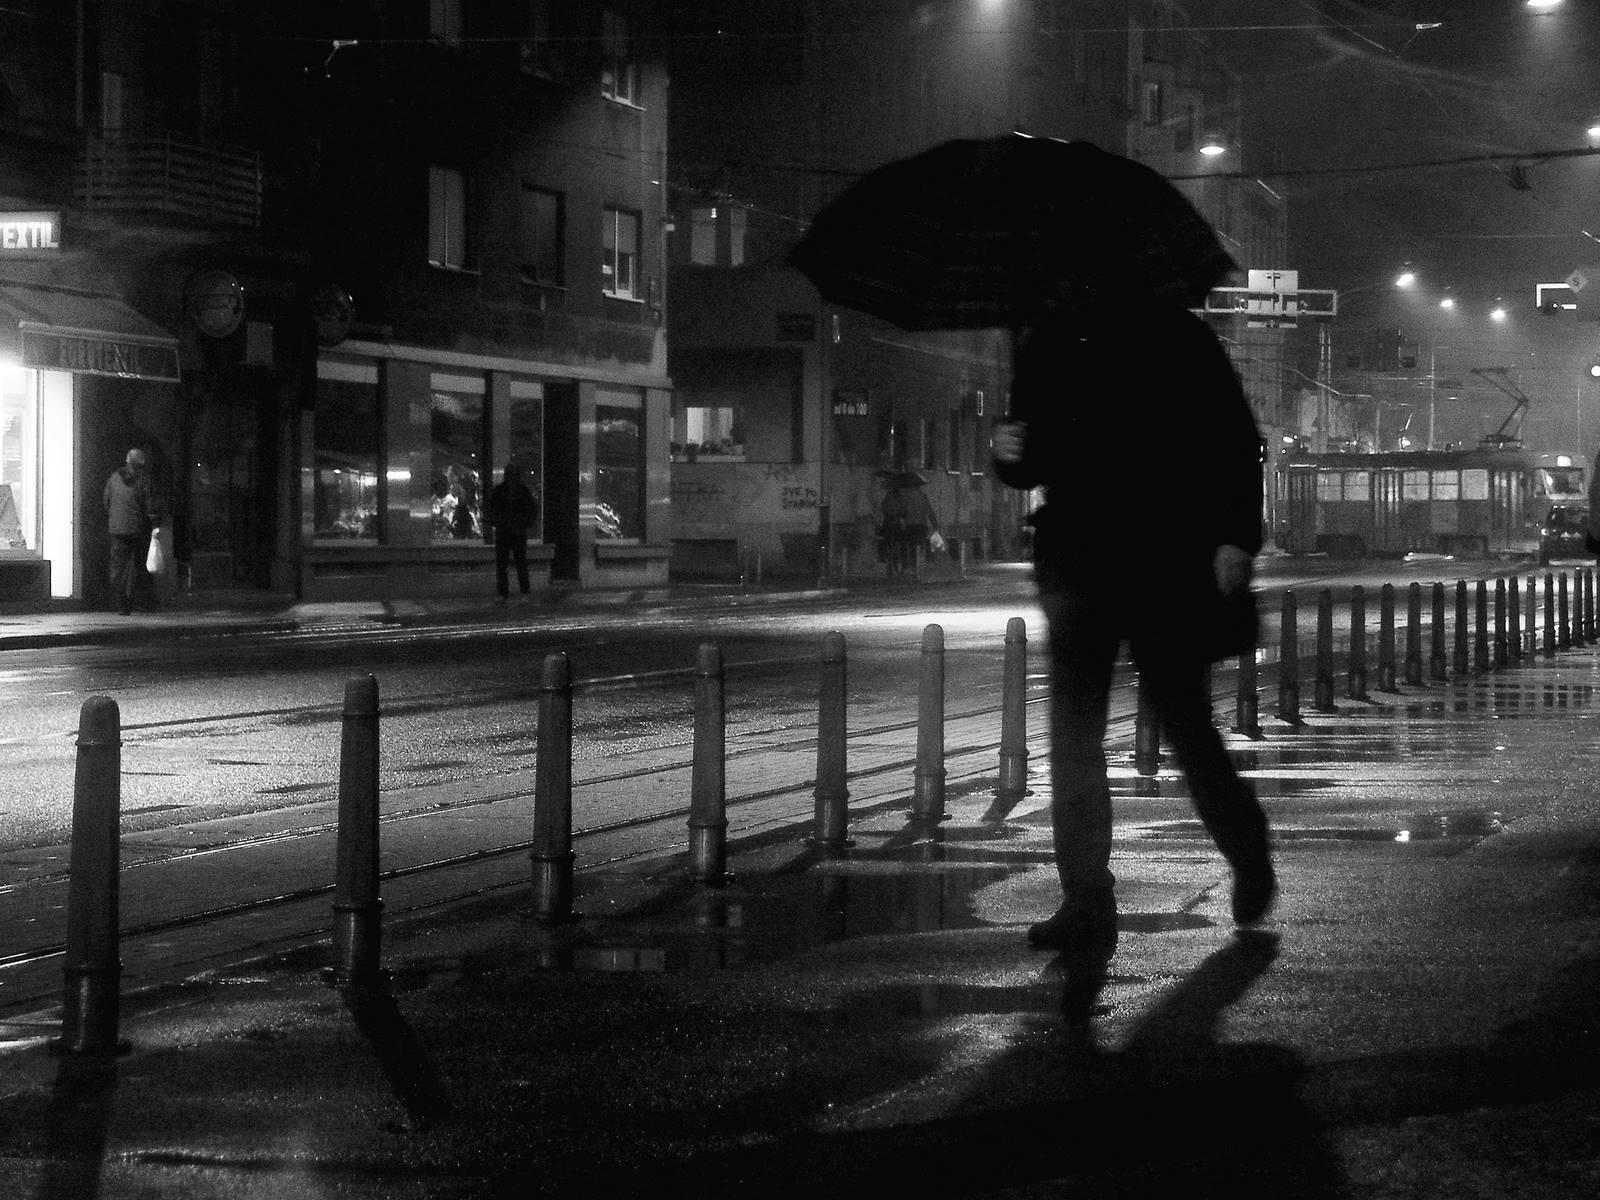 Pasenger in the rain